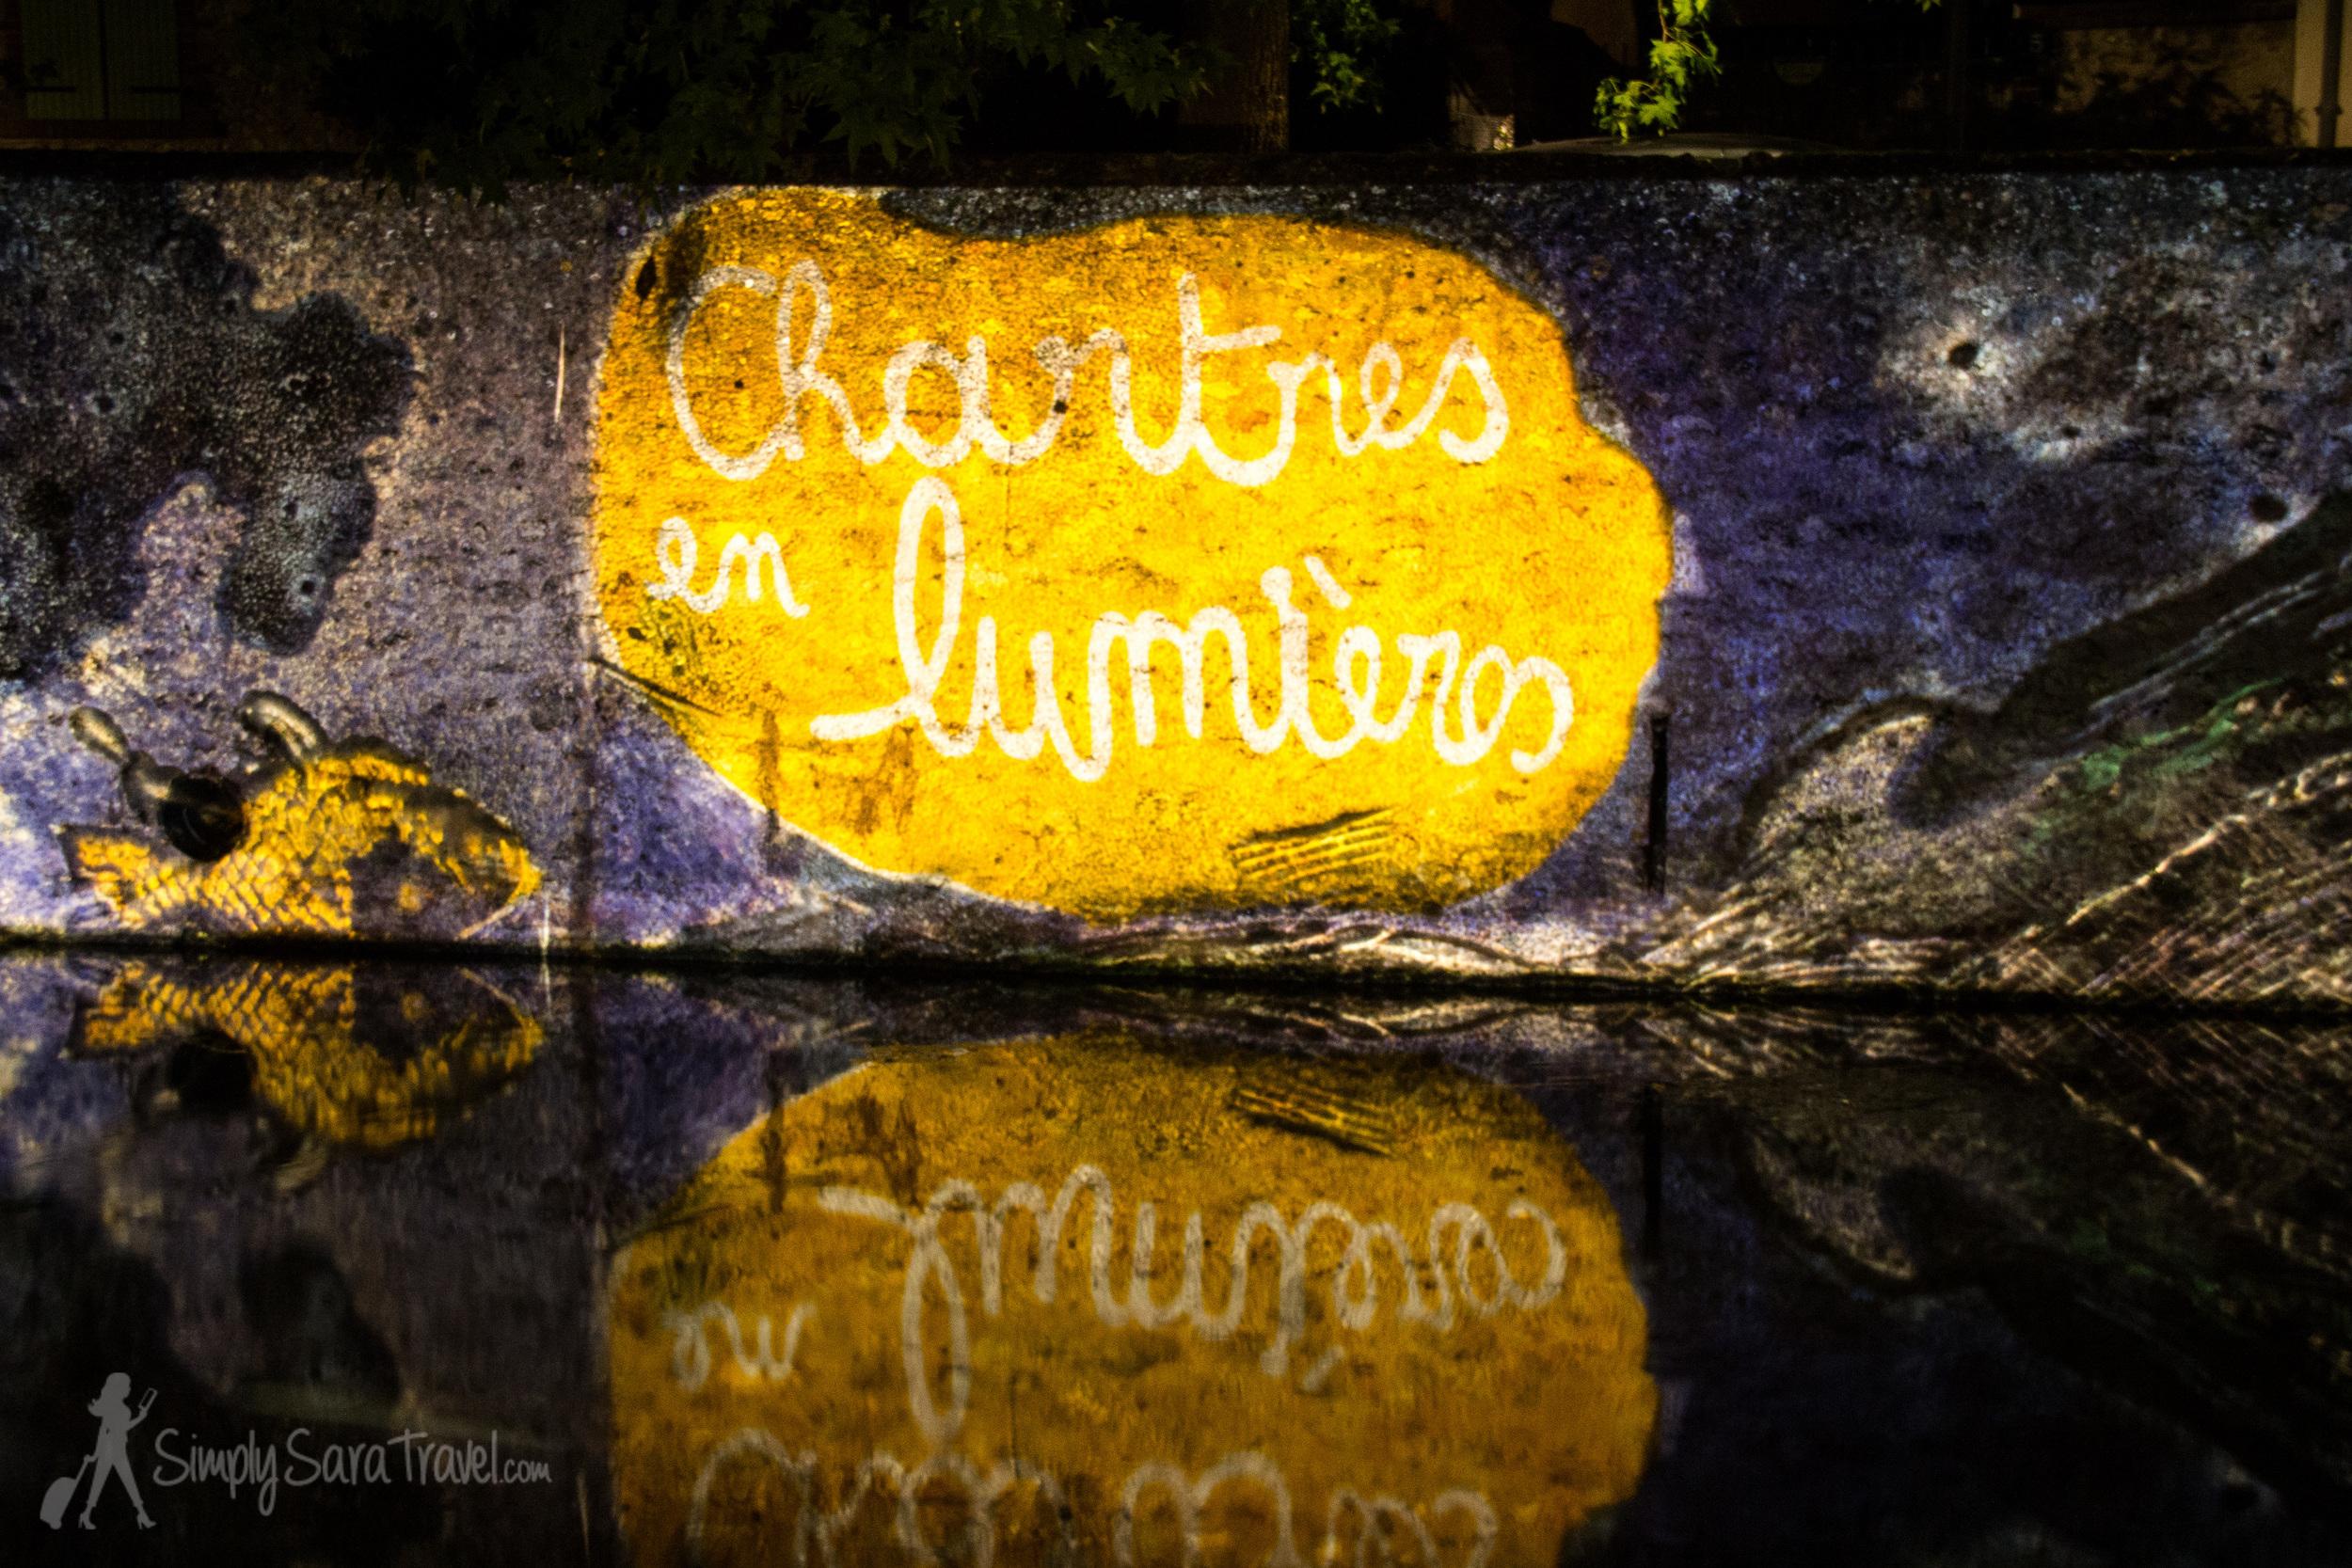 Chartres en Lumières on the river, 2014